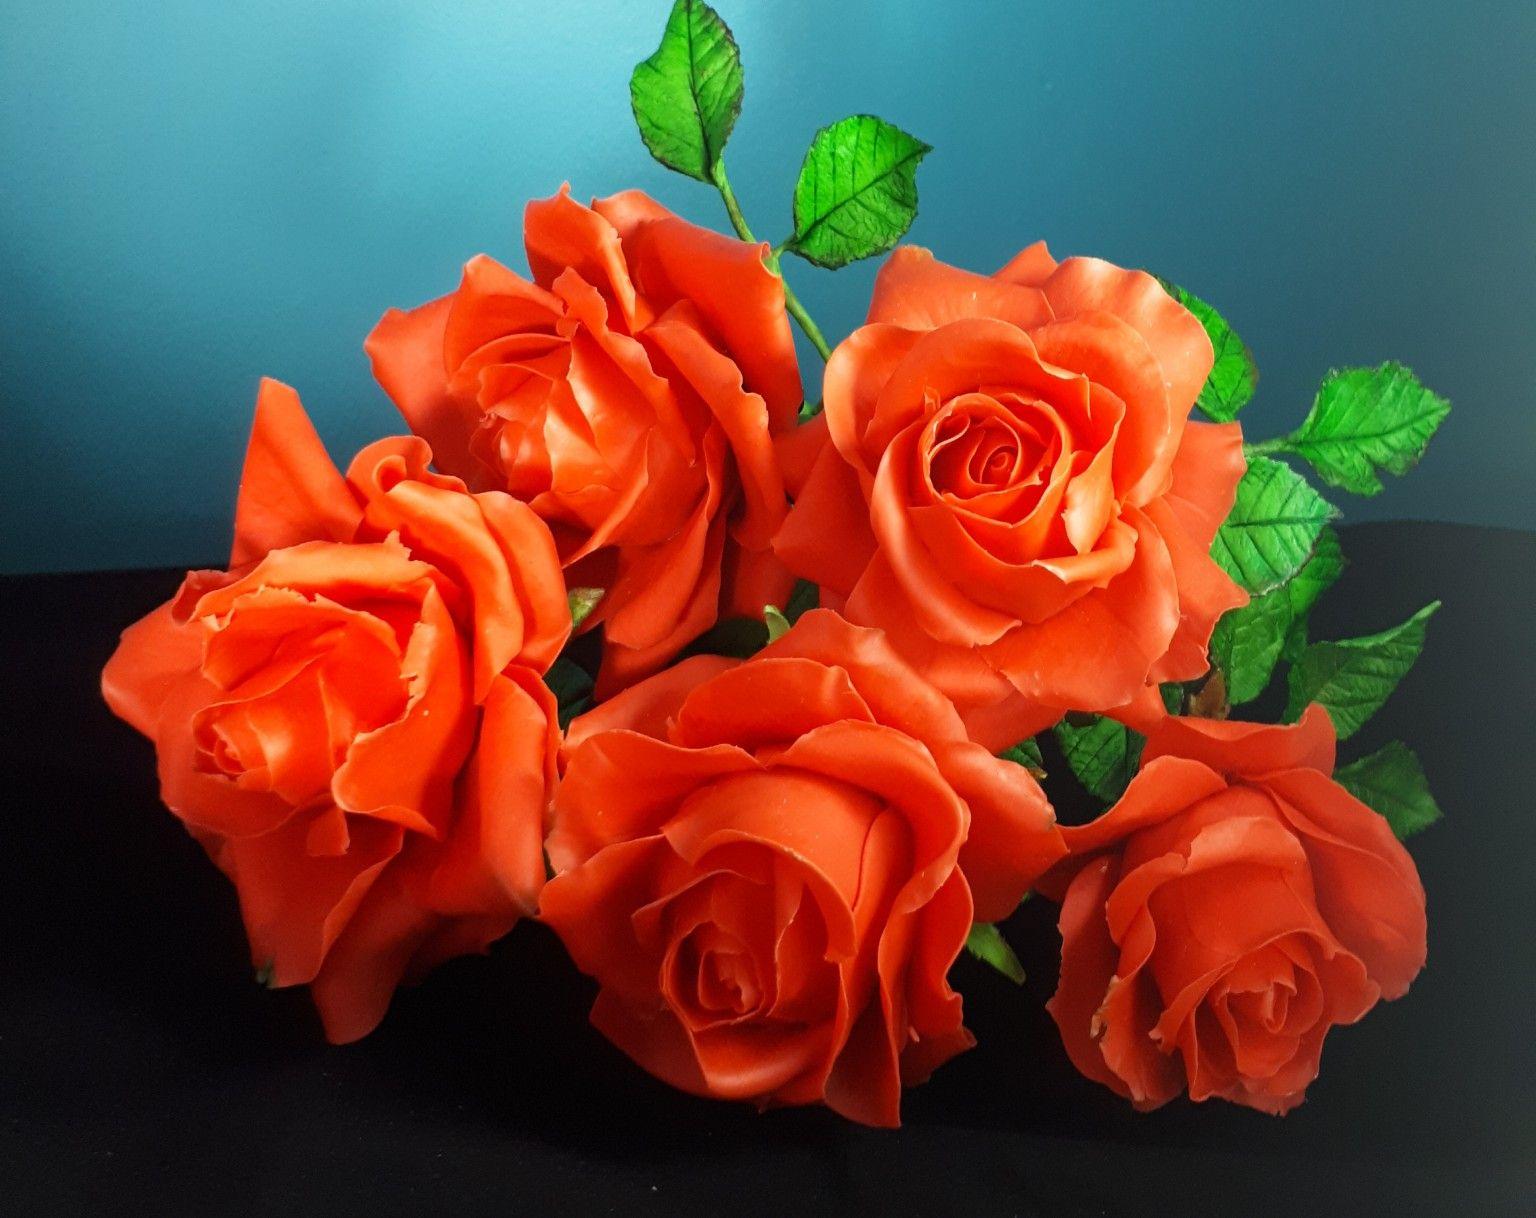 Handmade Rose Roze Z Zimnej Porcelany Zimna Porcelana Cold Porcelain Flowers Plants Rose